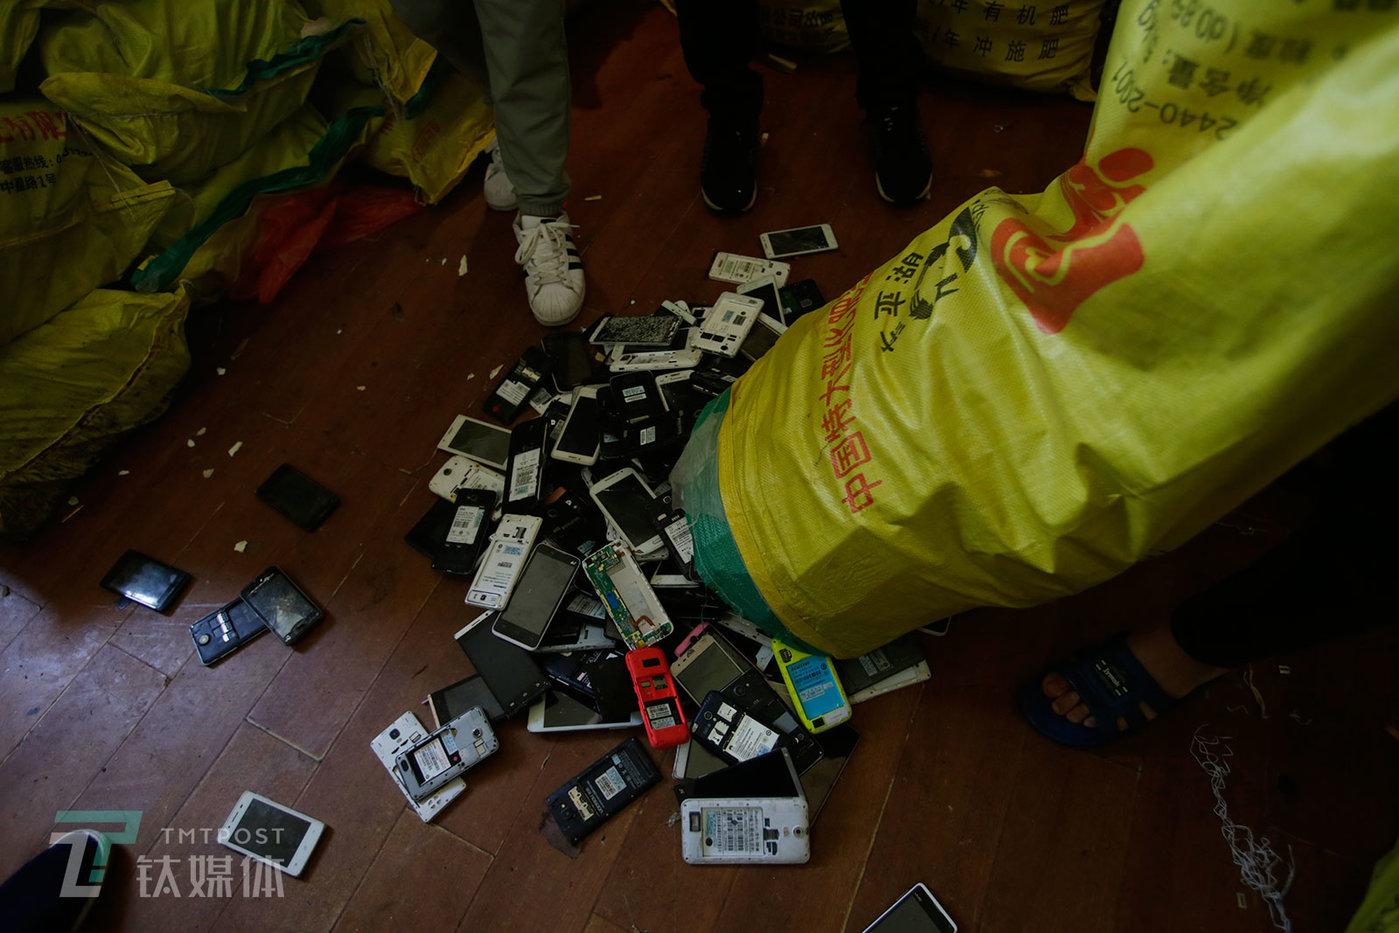 买家到来后,卖家要把手机倒出来验货。深圳的买家一般在华强北一带有仓库或者柜台,他们的收购也更加细分:有人专收国产智能机,有人专门收苹果,有人收华为、小米或者诺基亚,还有人专收废旧笔记本、平板电脑、EVD等废旧电子产品。